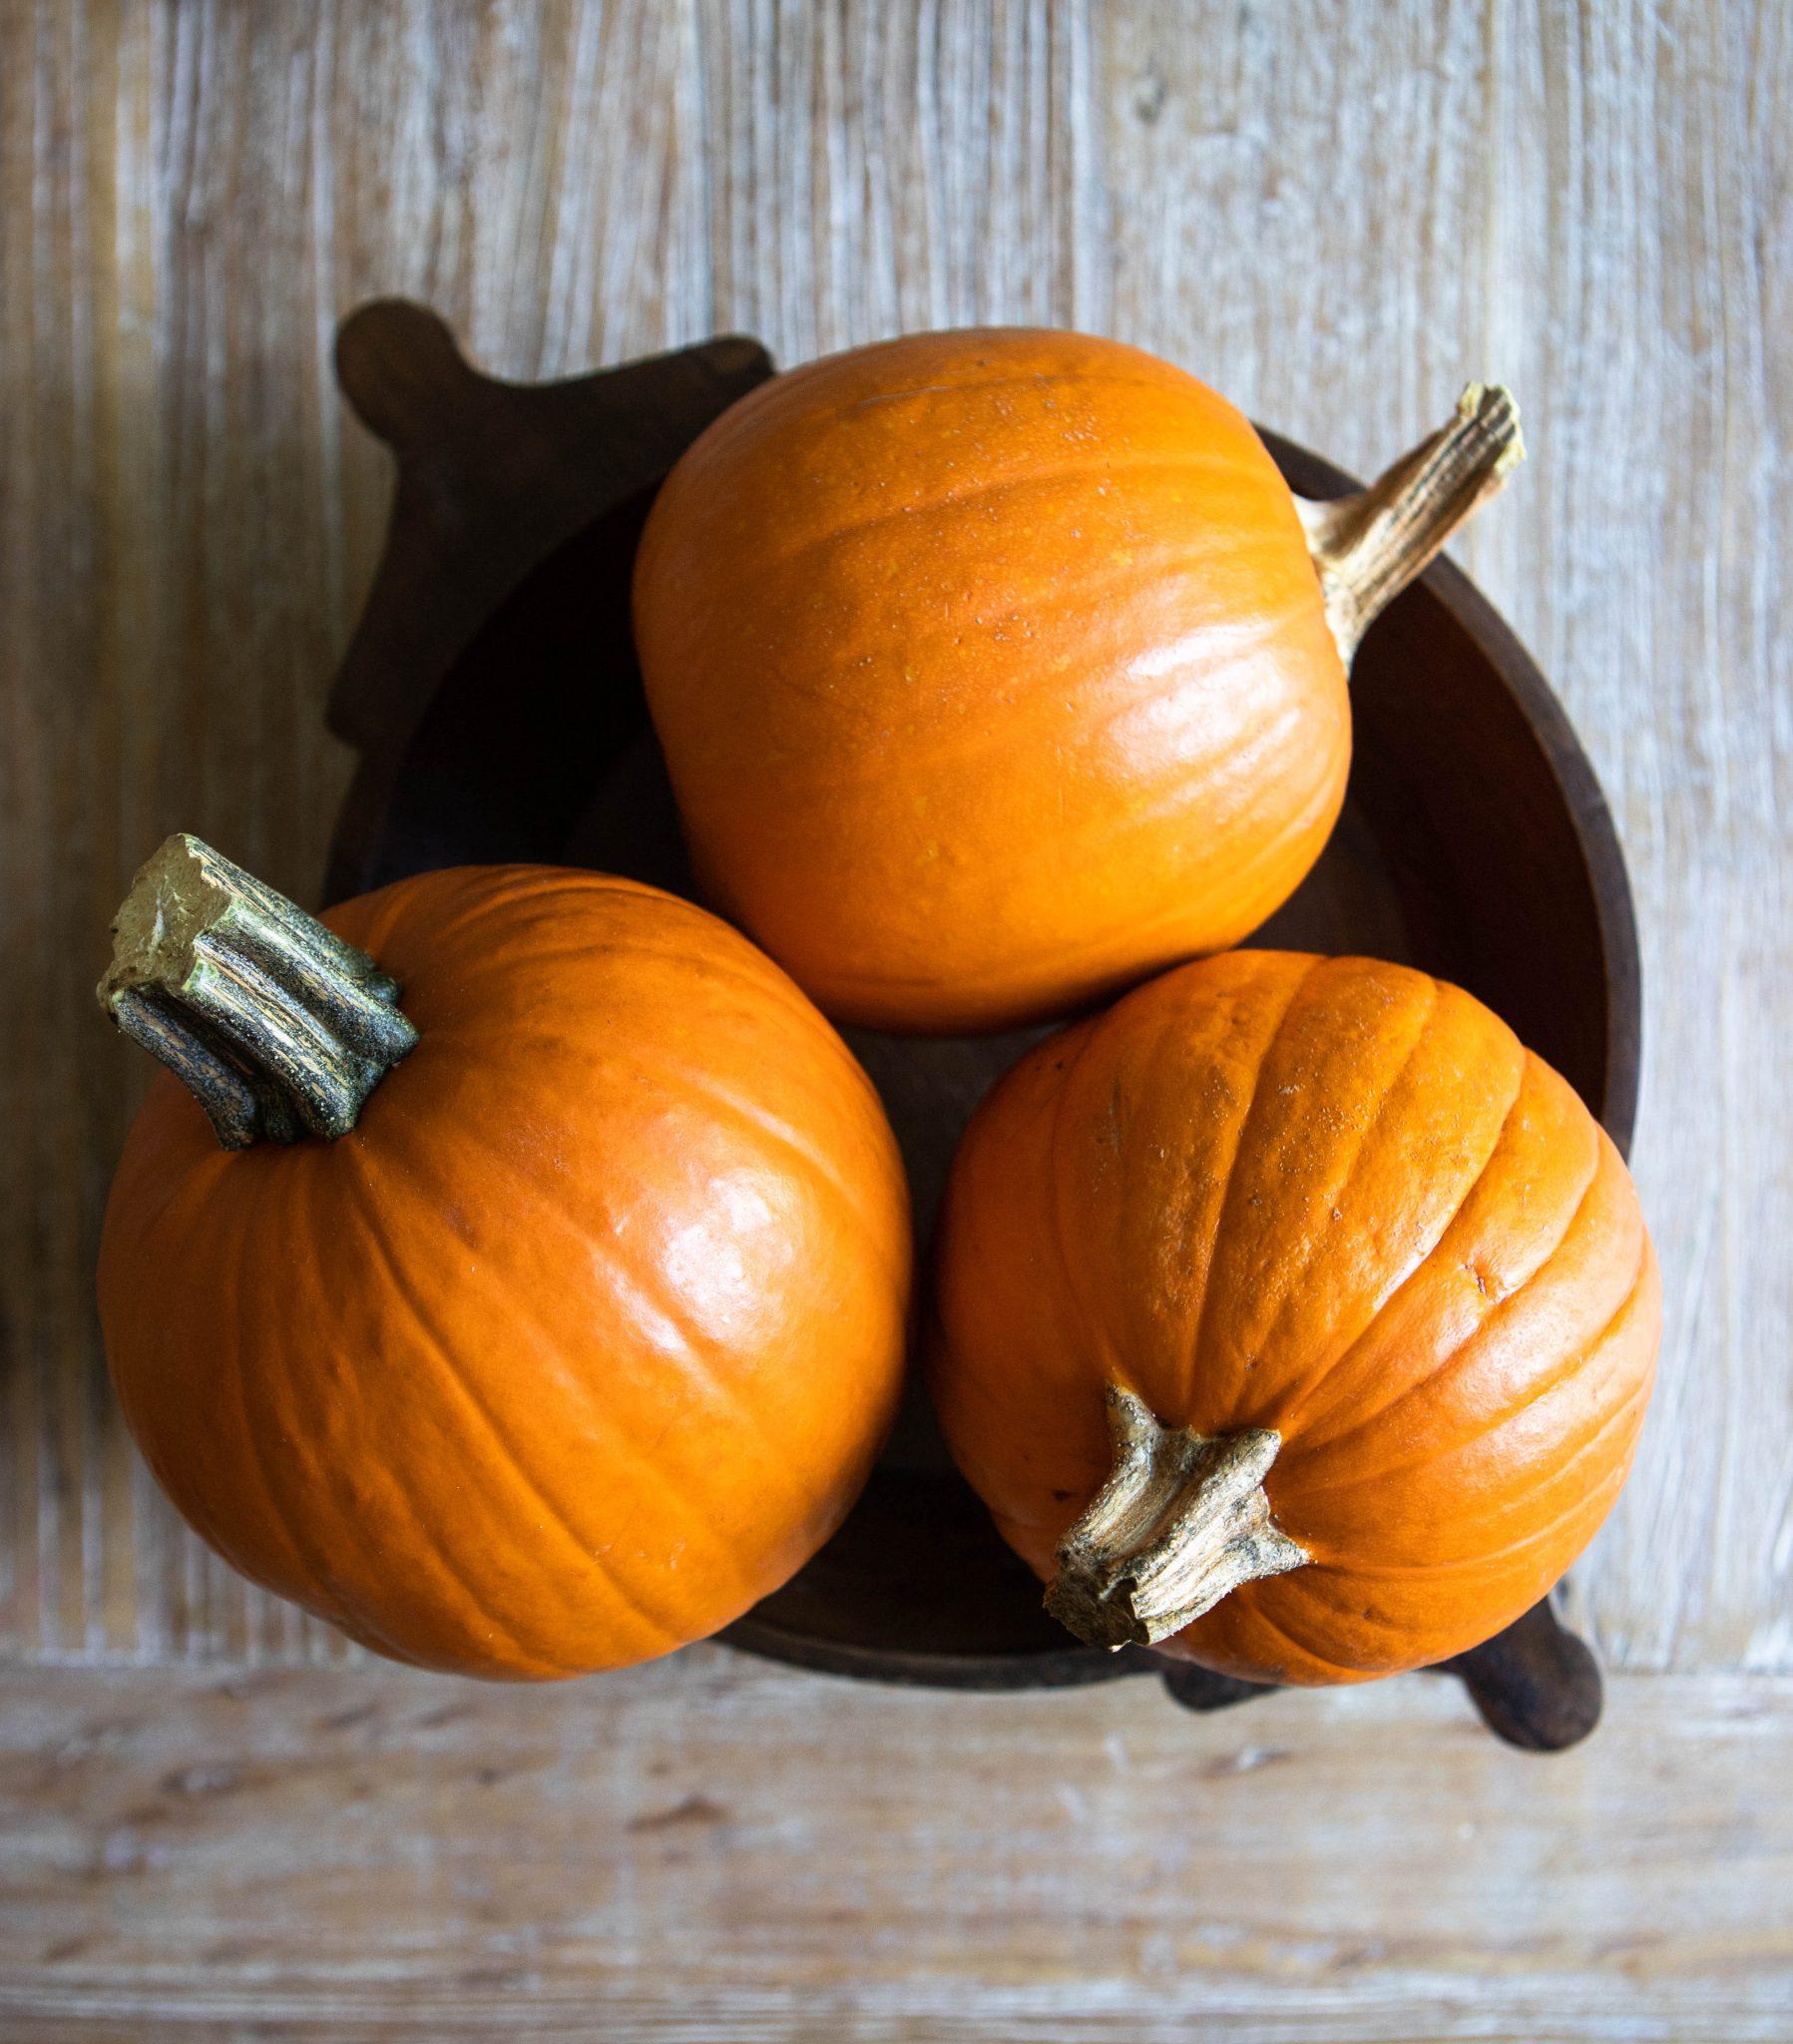 3 orange pumpkin pie pumpkins in a wooden bowl